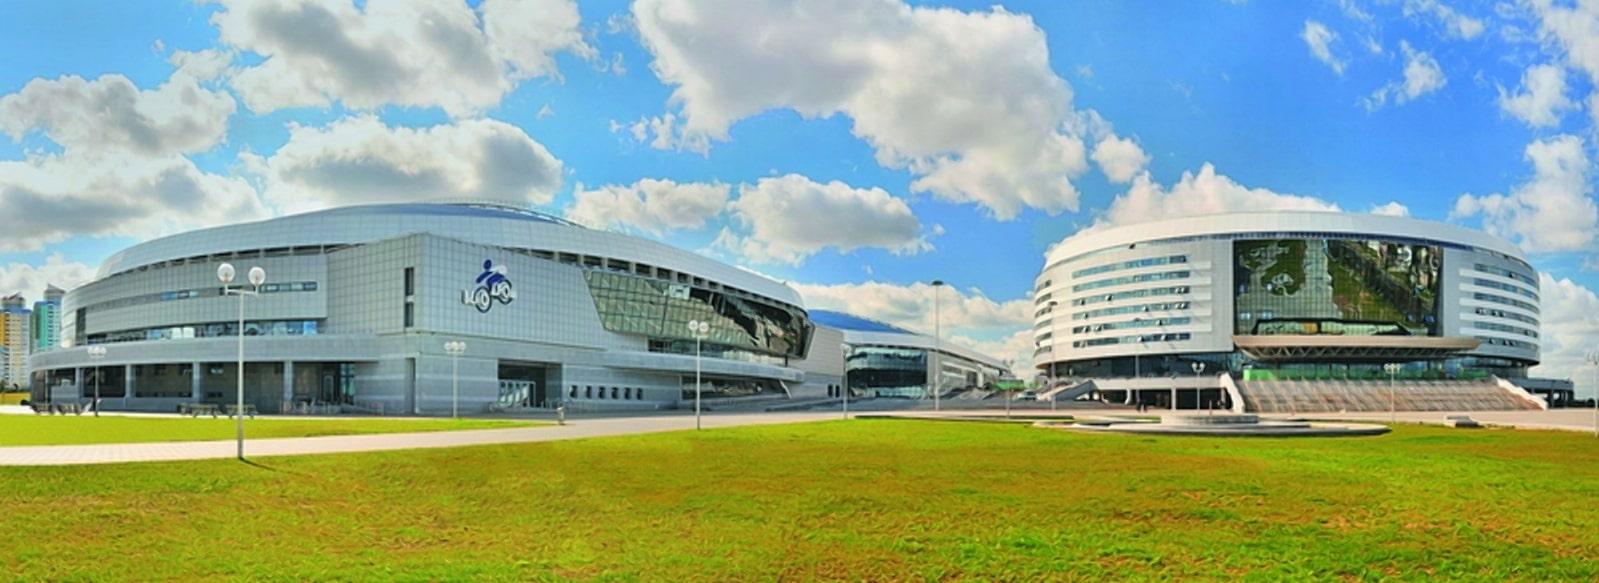 Универсальный комплекс Минск-Арена